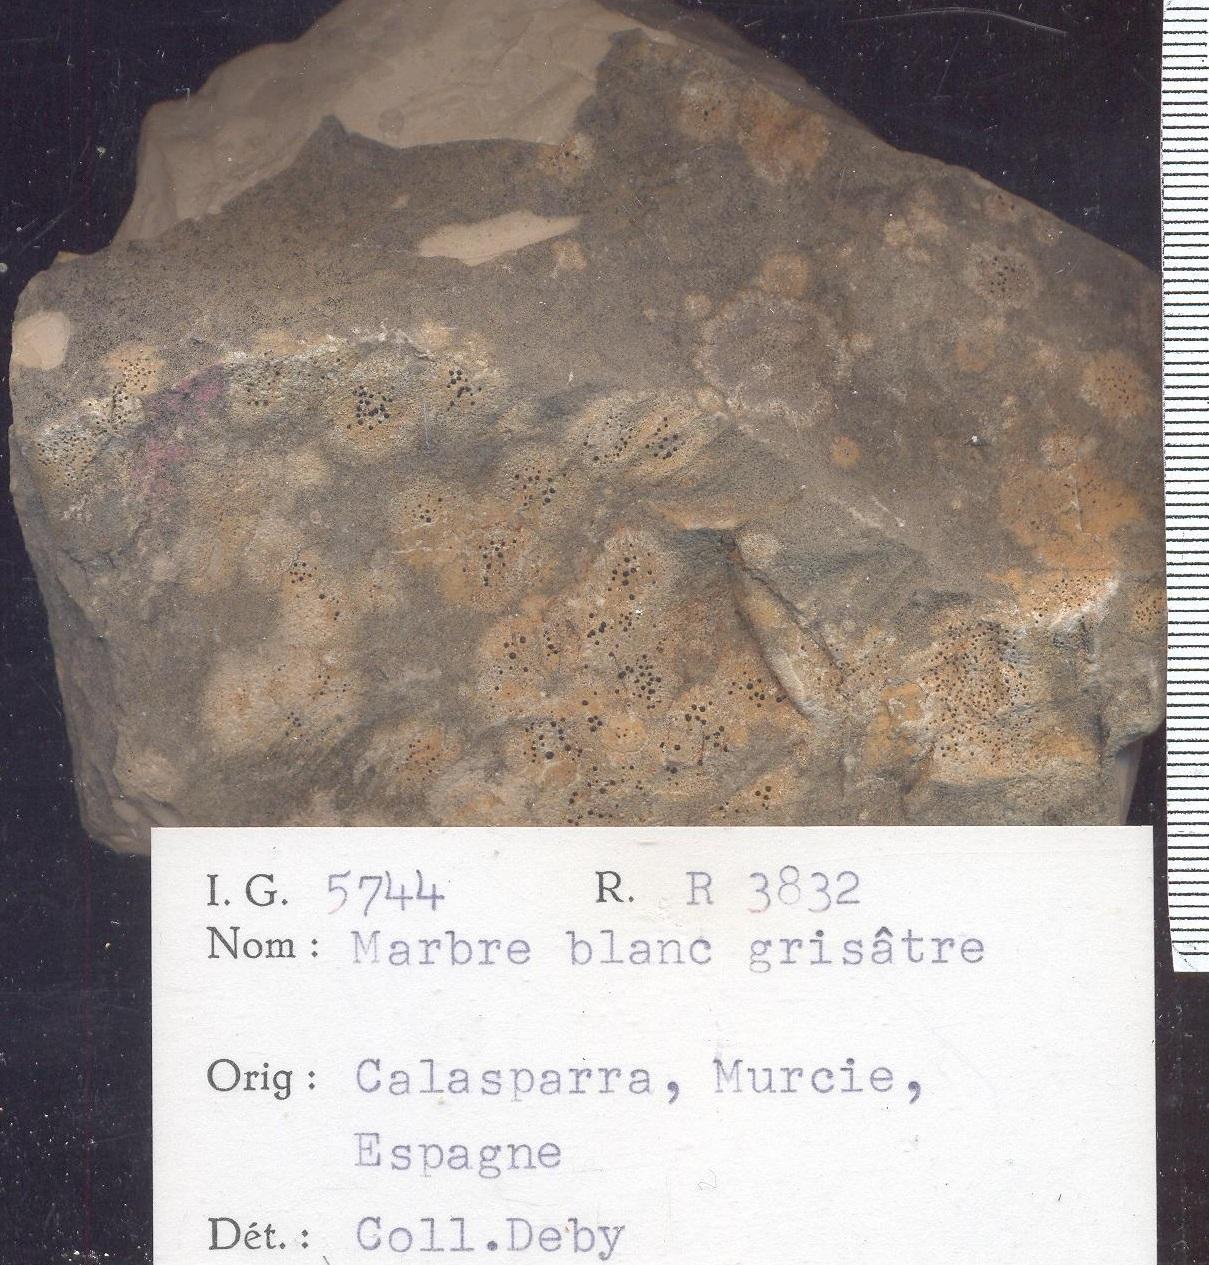 Calasparra blanc grisatre RR3832